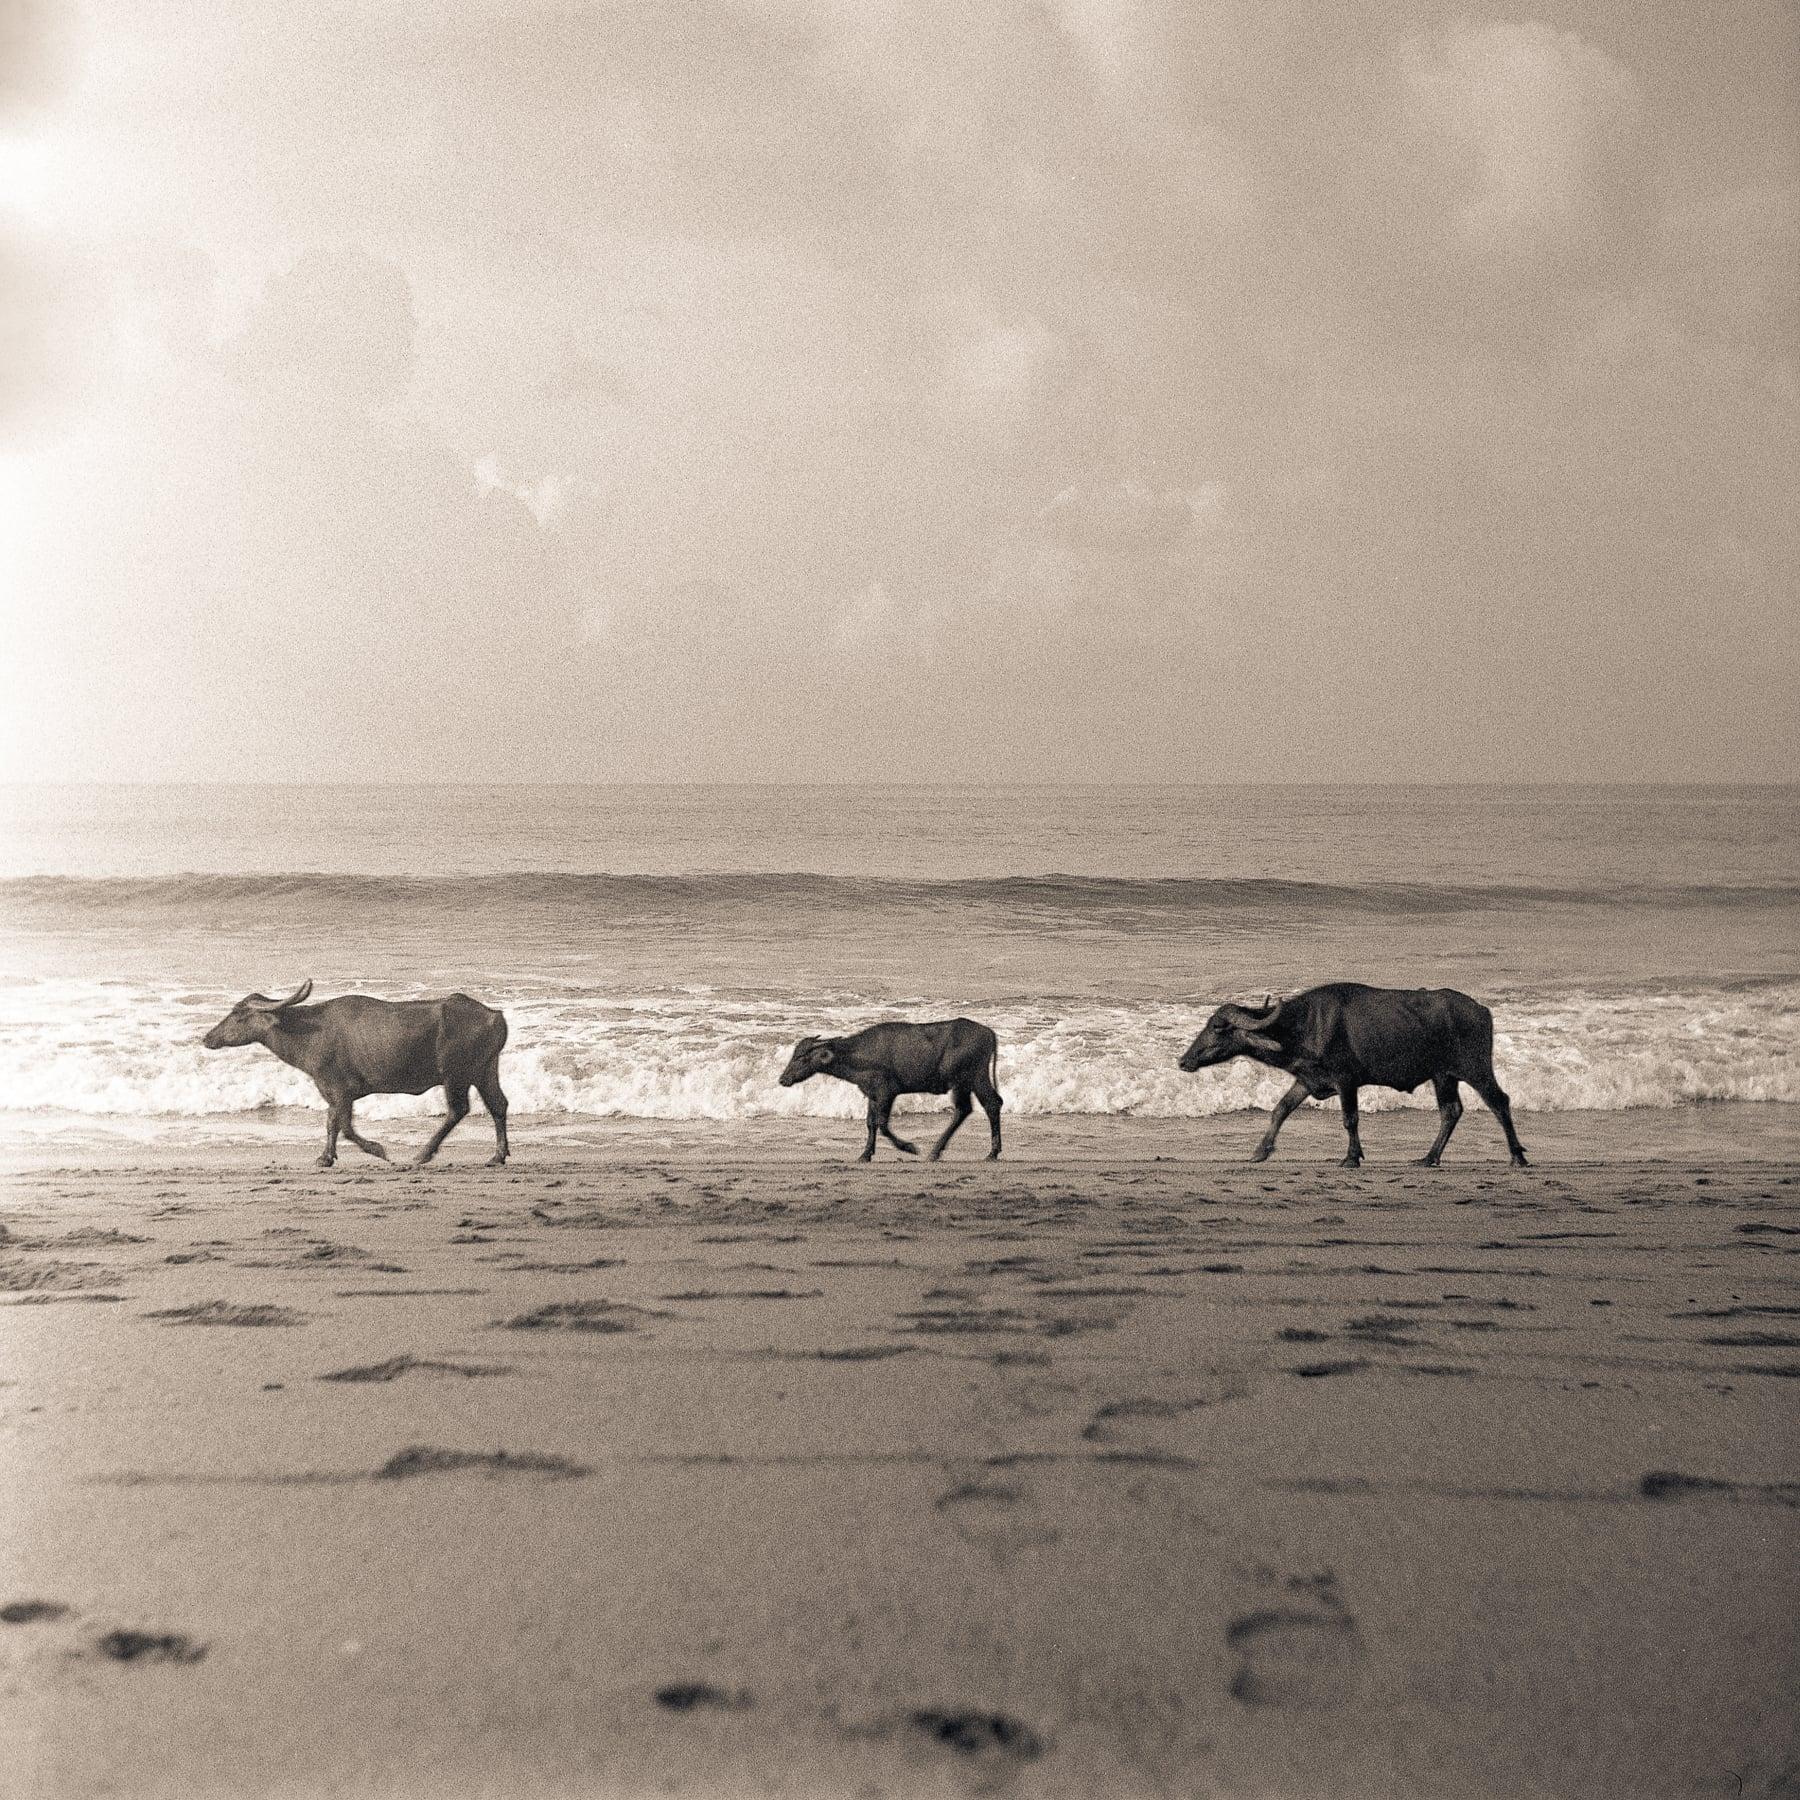 Three Cows | Gokarnai India | Weltaflex TLR | HP5 | Tristan Aitchison